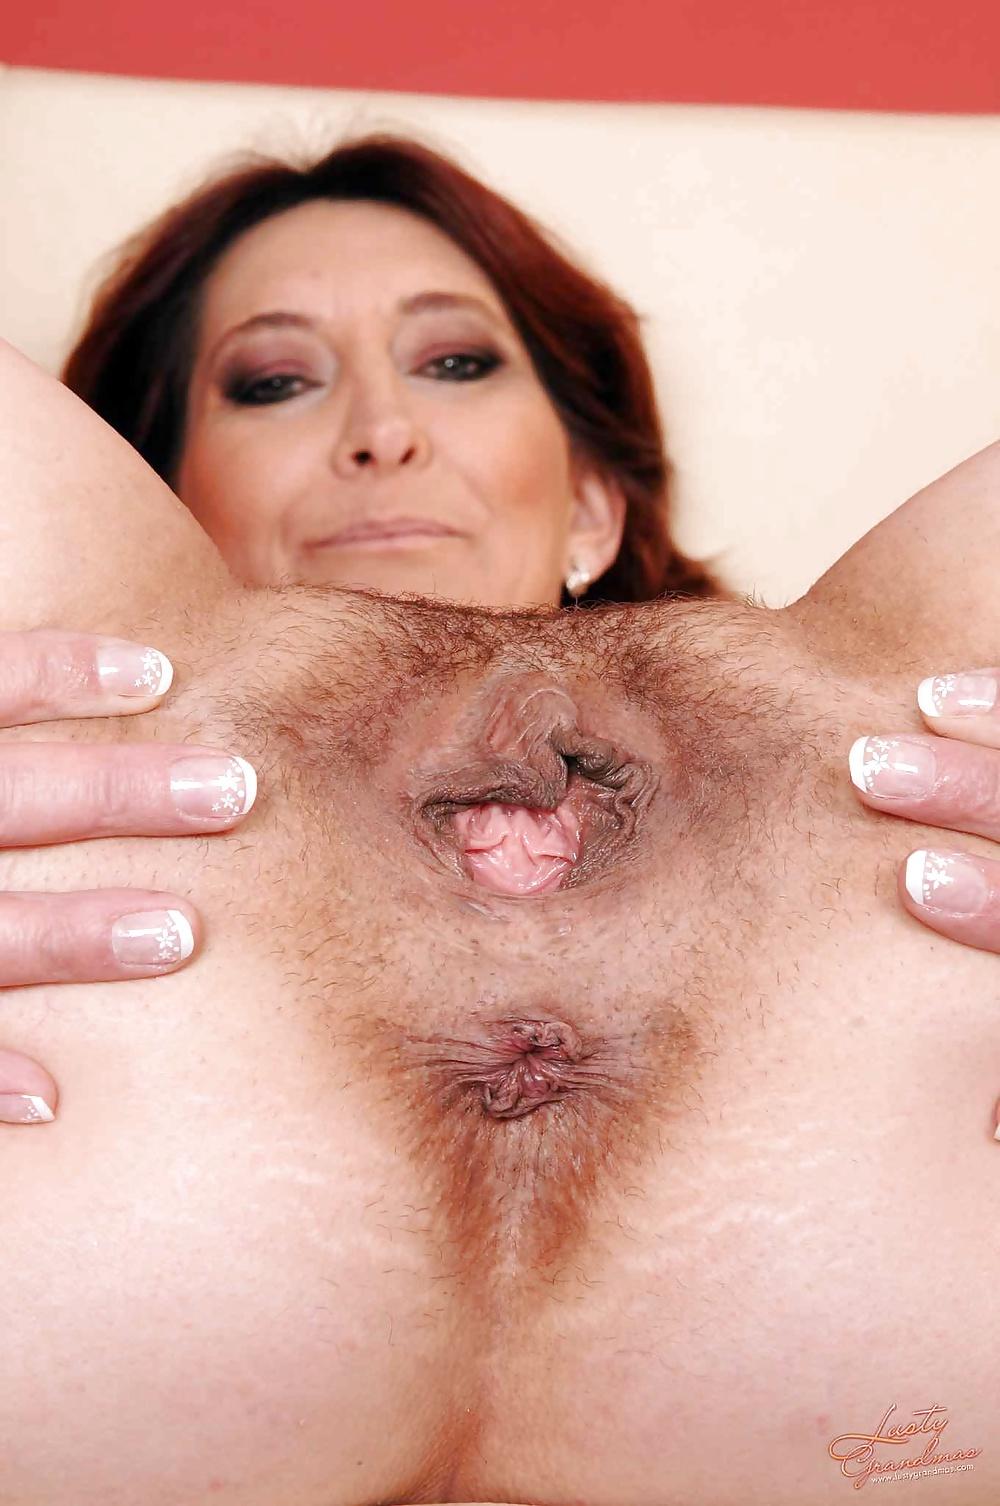 фото пиздёнок мамаш крупно